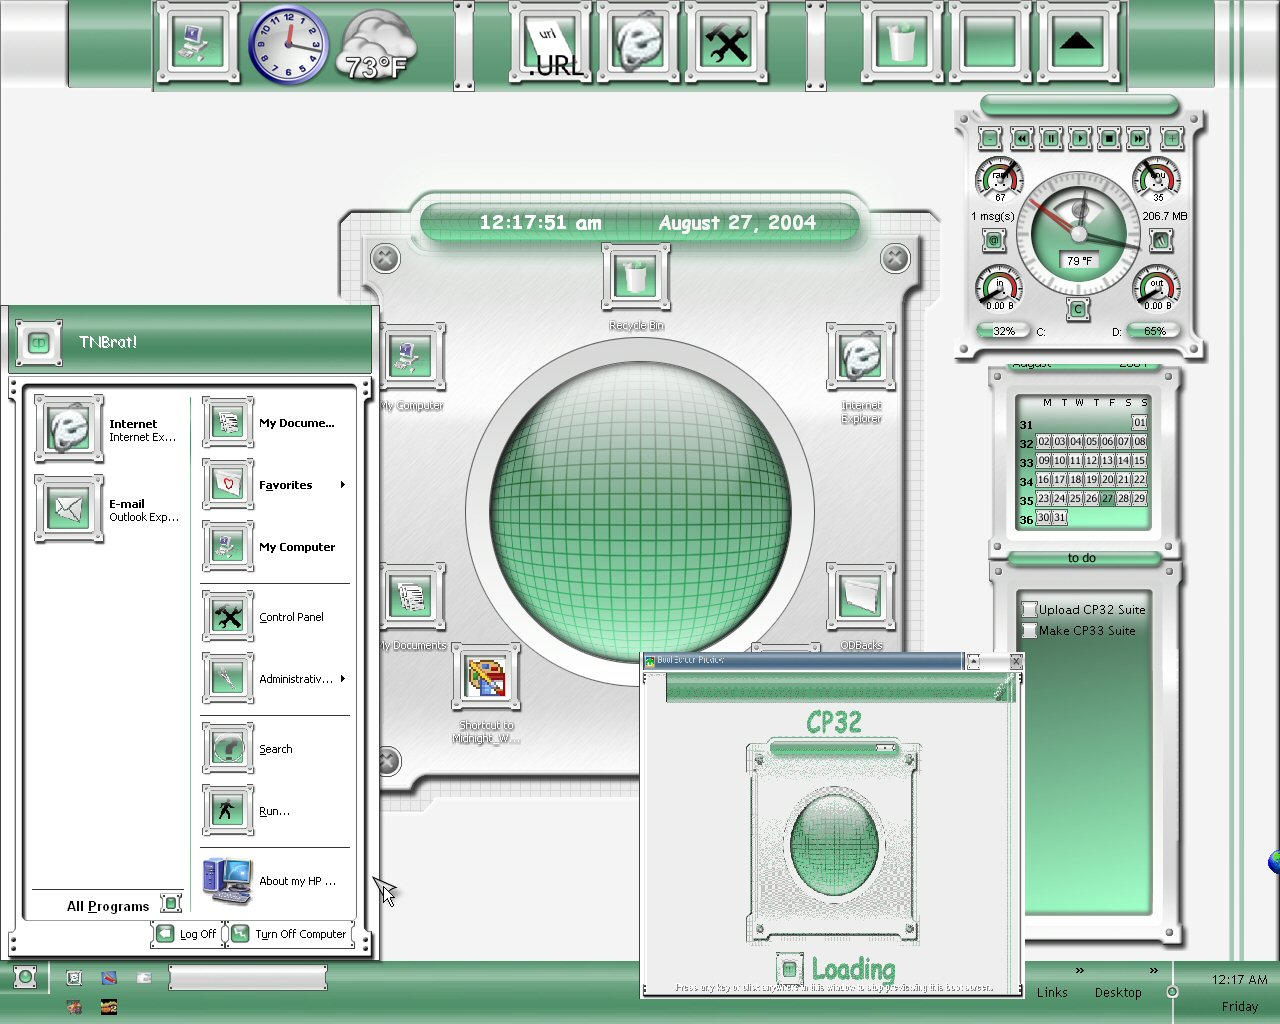 CP32 Suite by TNBrat